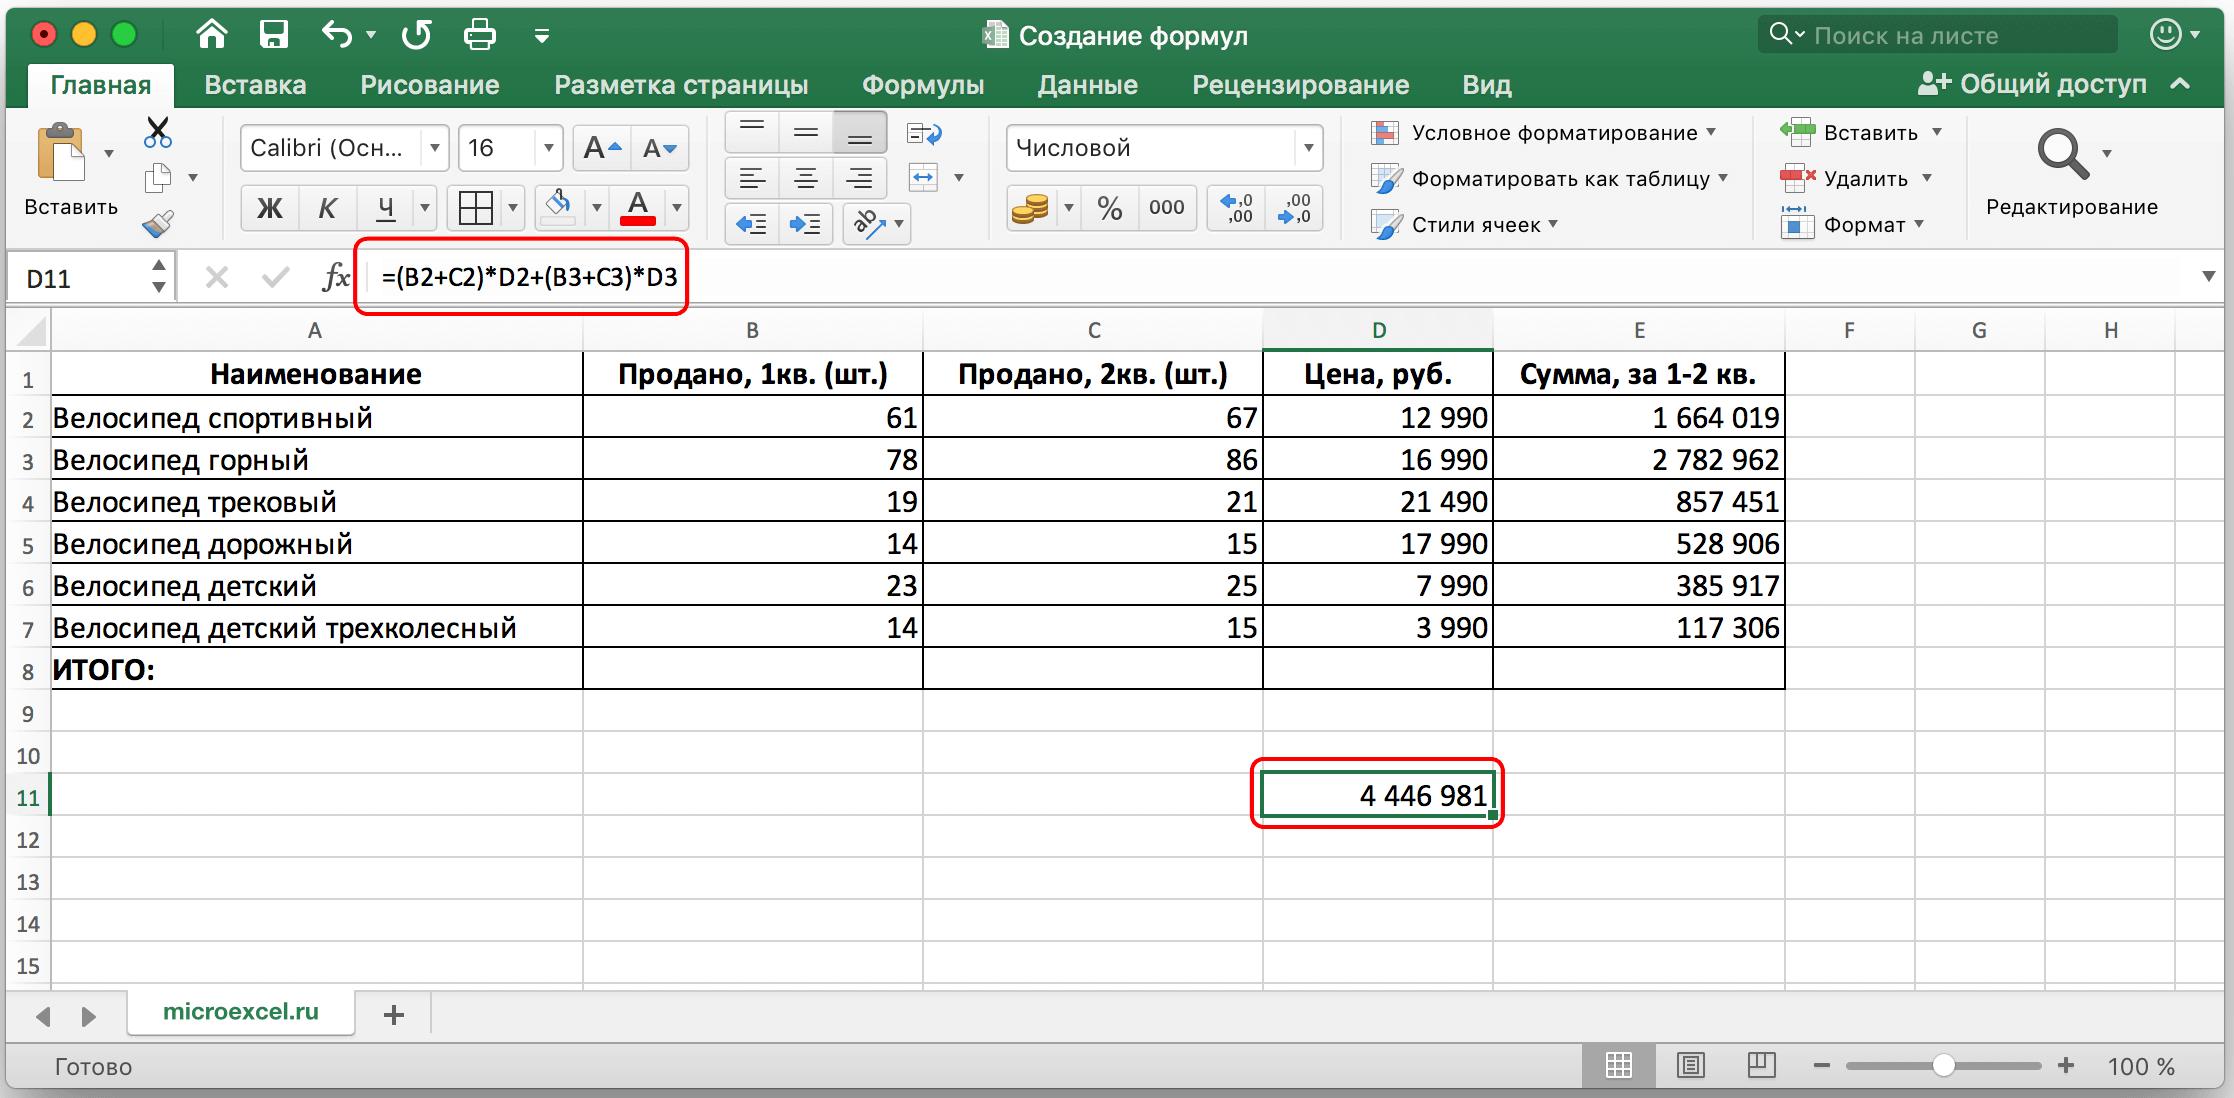 Использование Эксель в качестве калькулятора